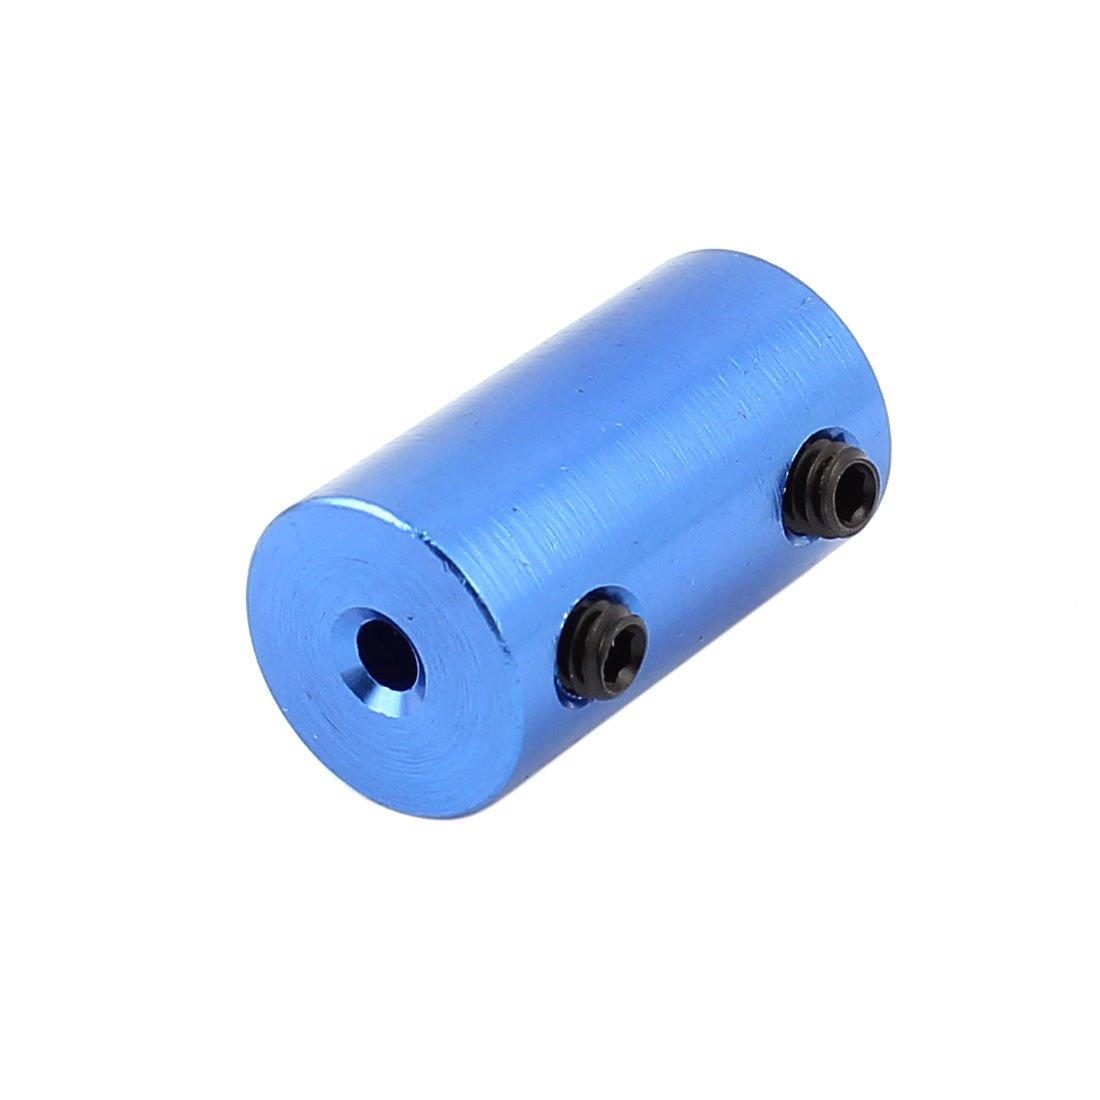 sourcing map 3mm a 6mm Bricolaje DIY motor Eje Acoplador Acoplamiento Aleaci/ón de Aluminio Azul